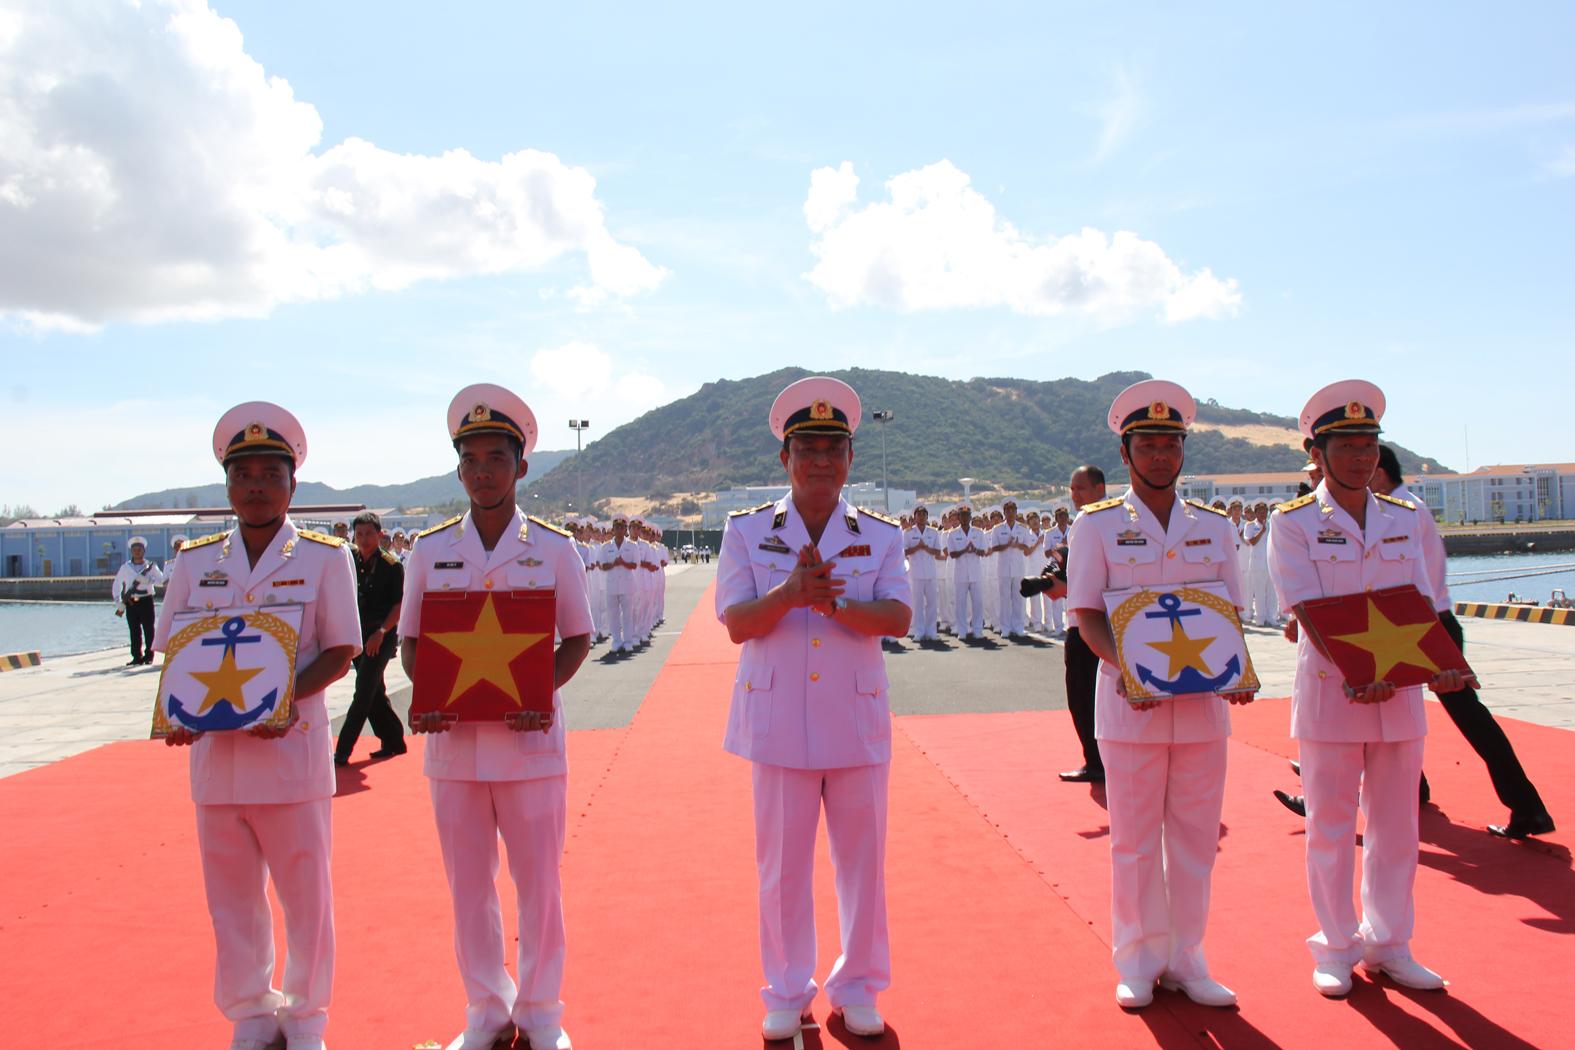 Đô đốc Nguyễn Văn Hiến trao cờ Hải quân cho Thuyền trưởng và chính trị viên 2 tàu ngầm